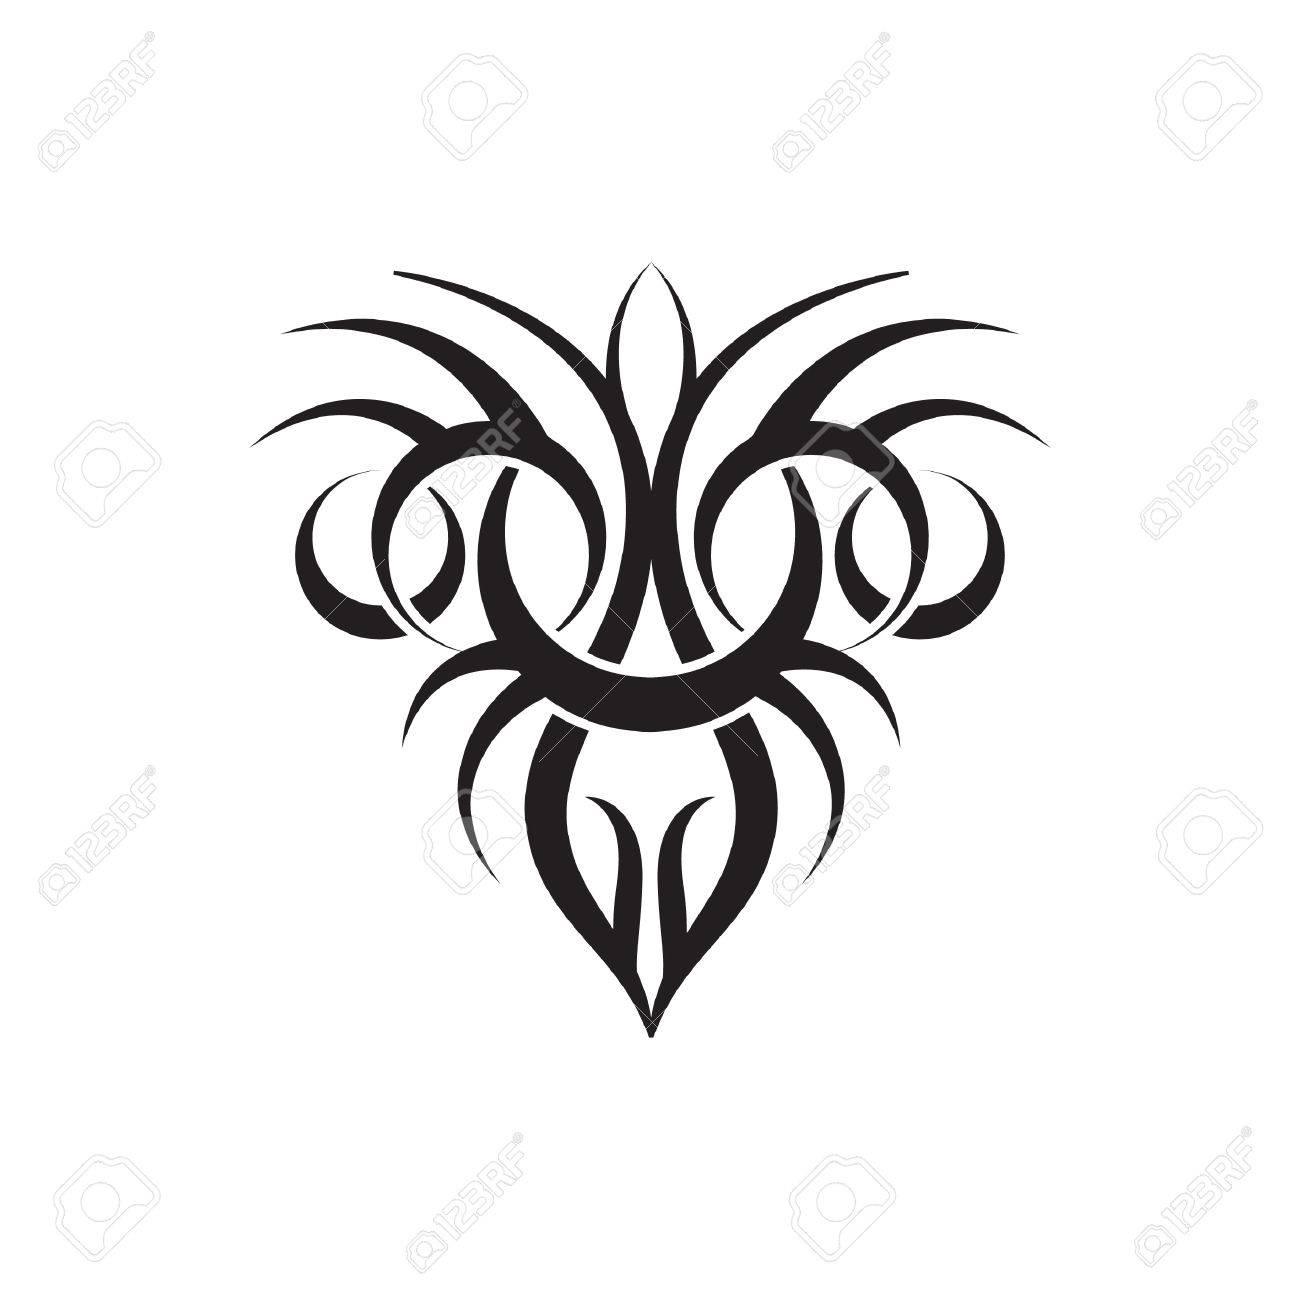 tribal tattoo design - 52652993